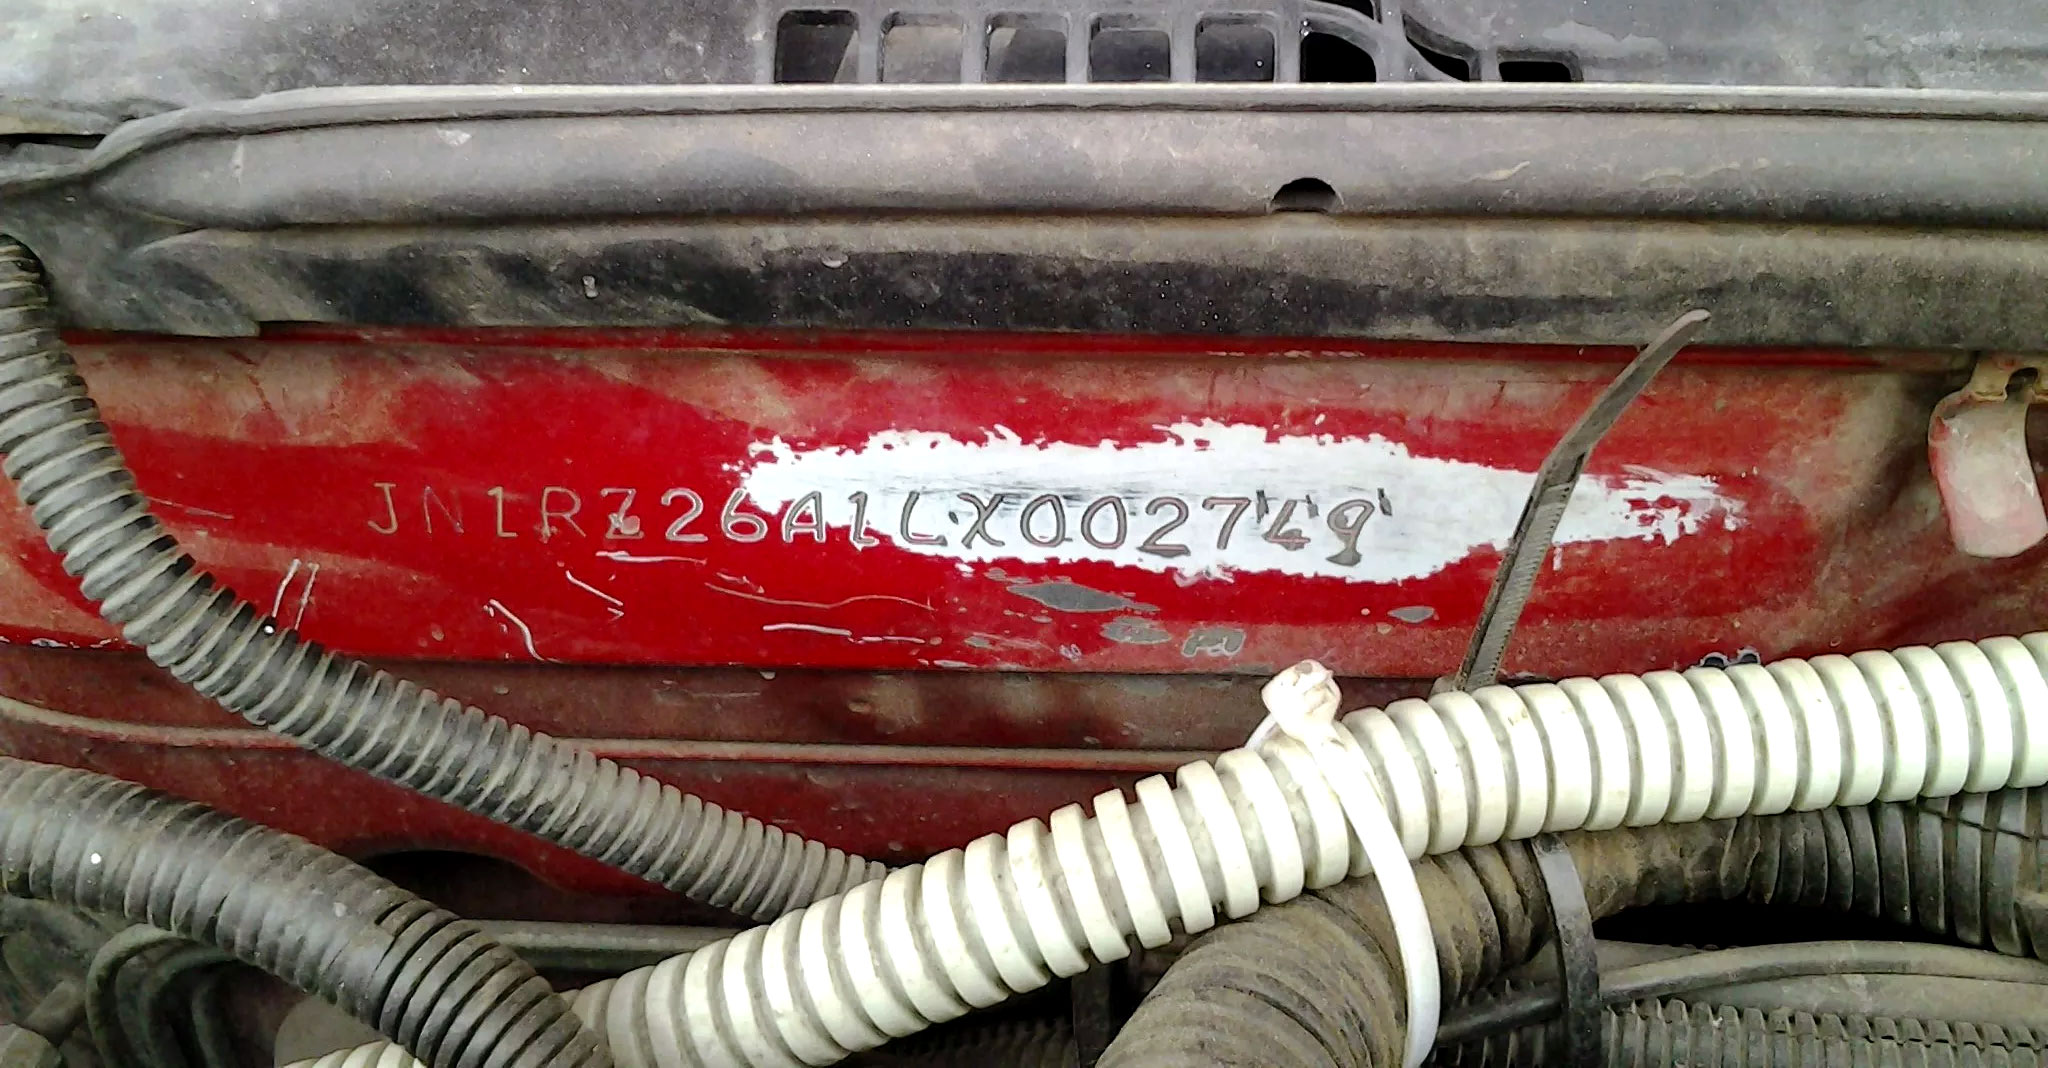 Как провести экспертизу ВИН-номера автомобиля?